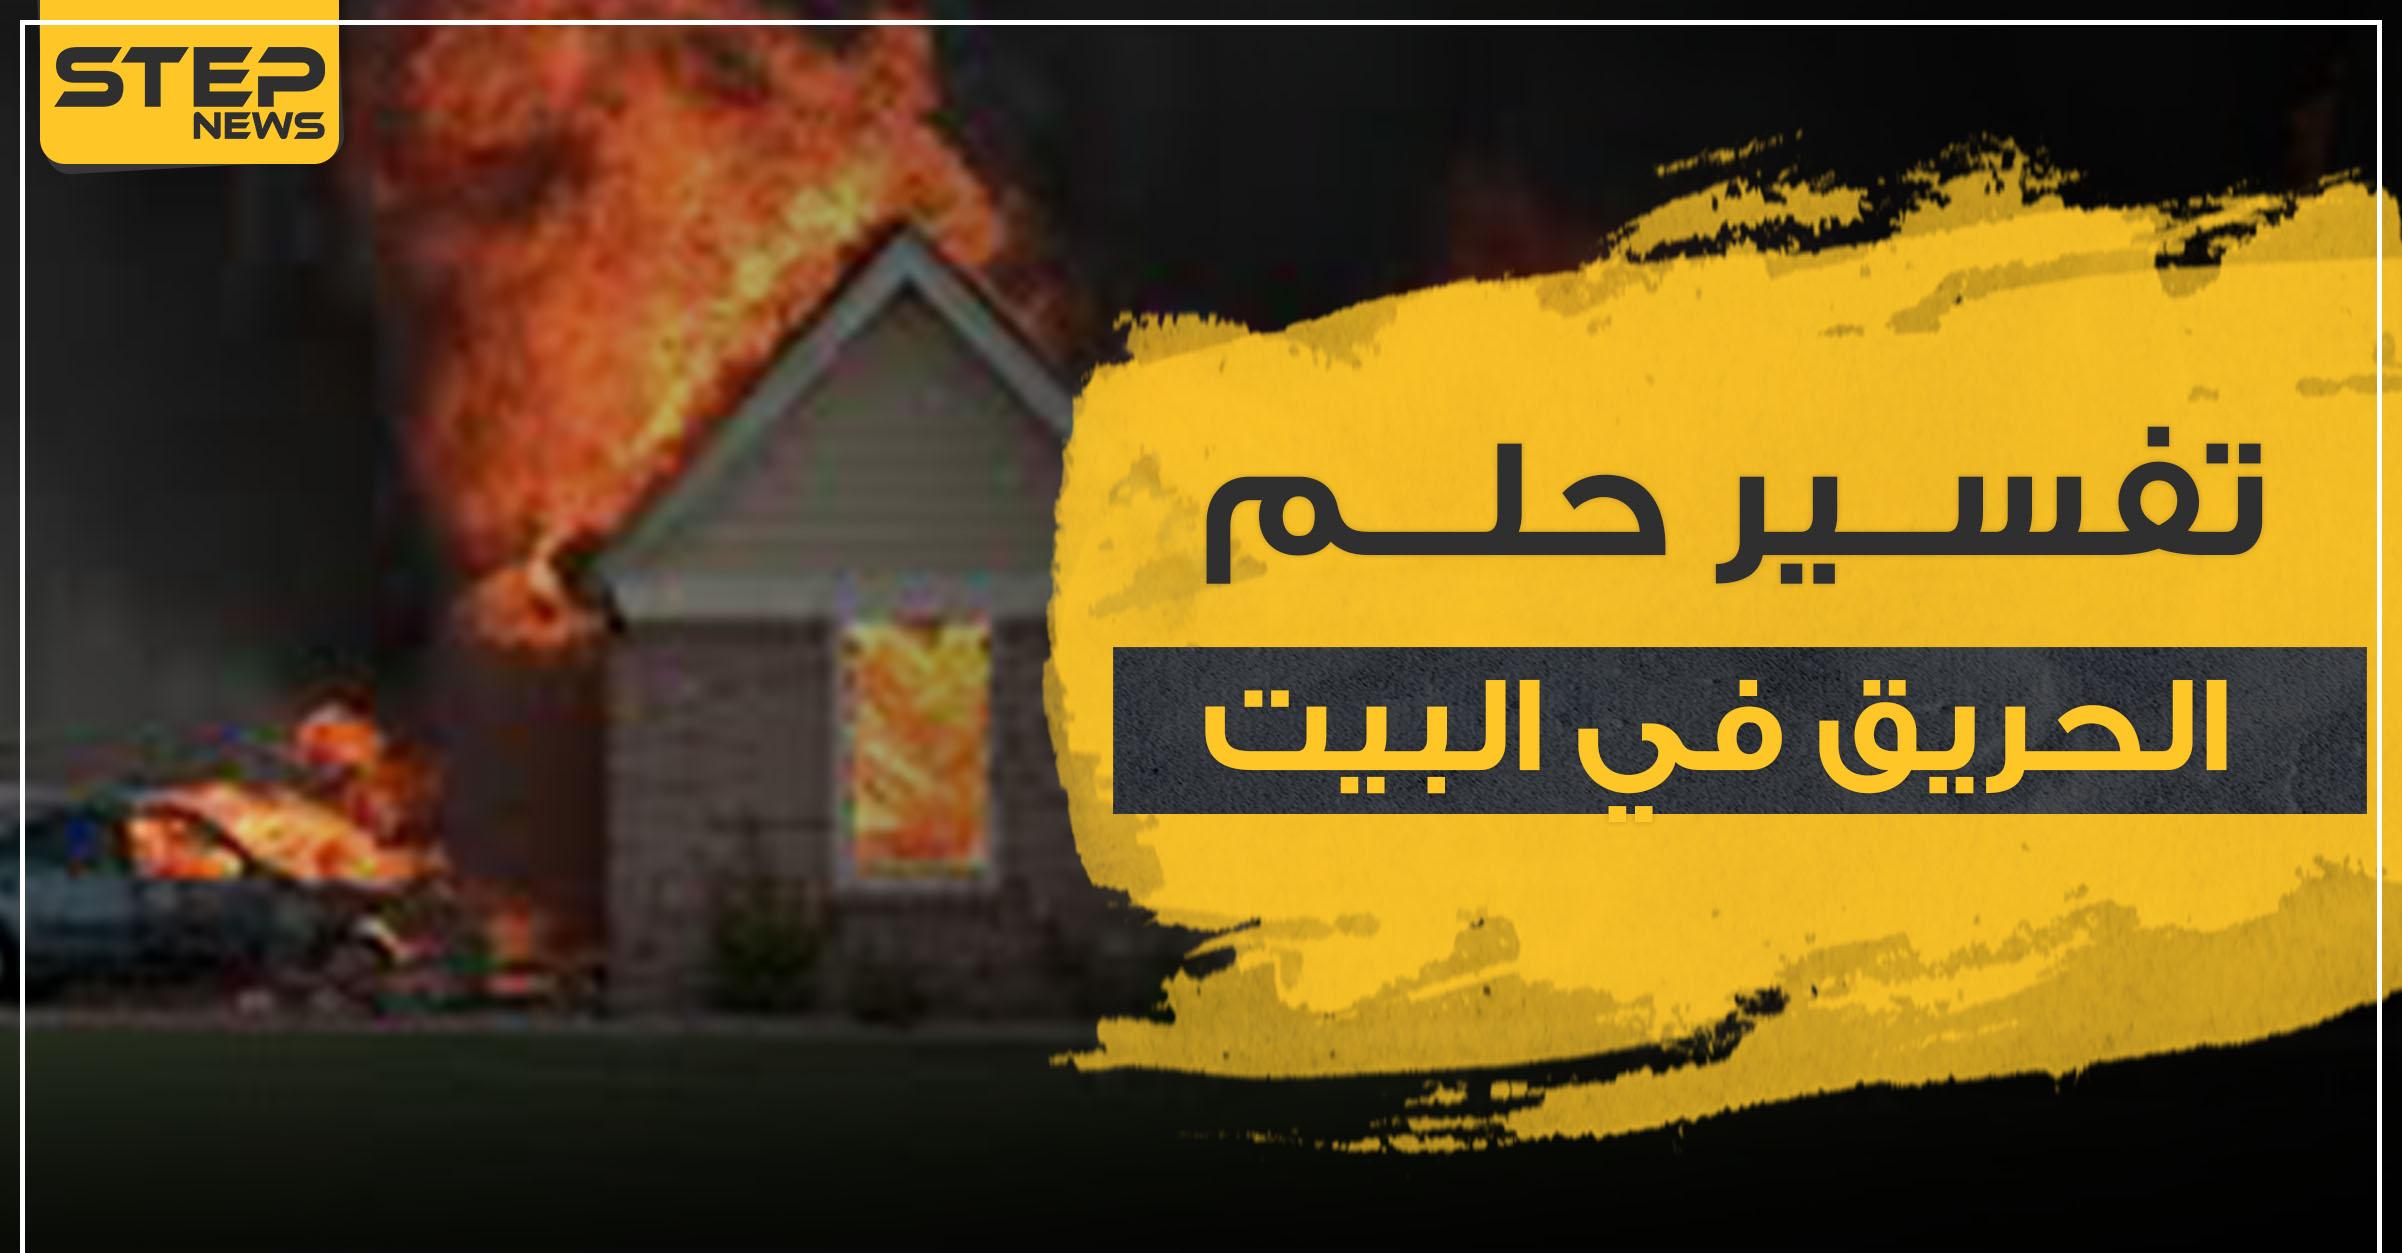 تفسير حلم الحريق في البيت3 دلالات عامة حسب أكثر من رواية وكالة ستيب الإخبارية